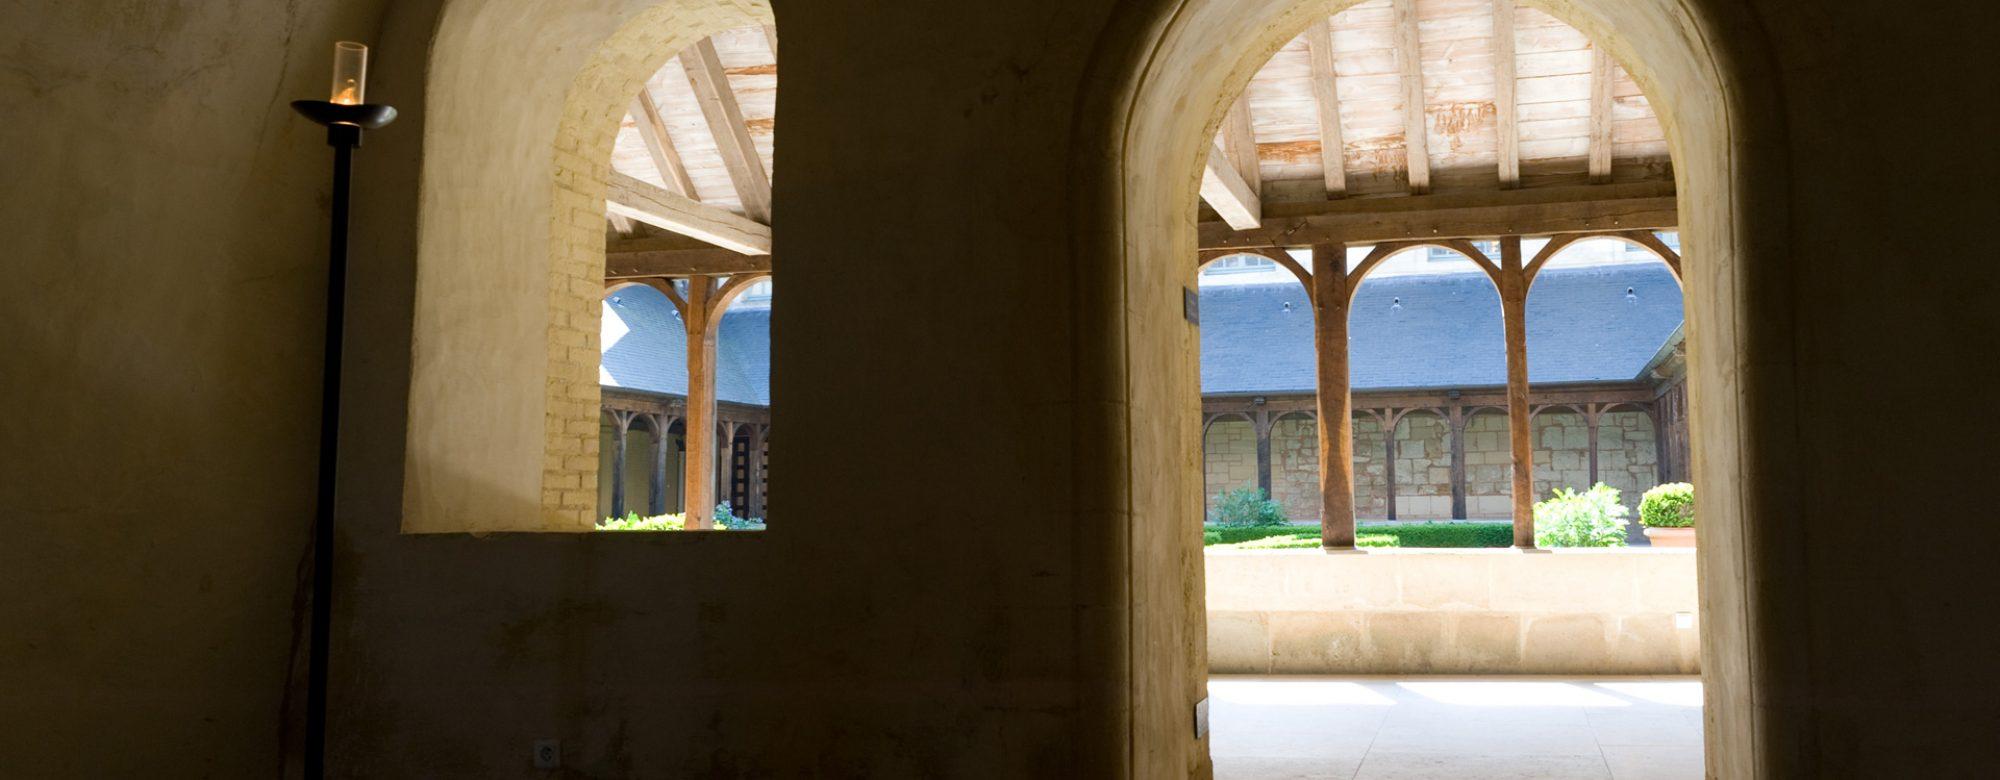 Accès au cloître de l'abbaye de Montivilliers